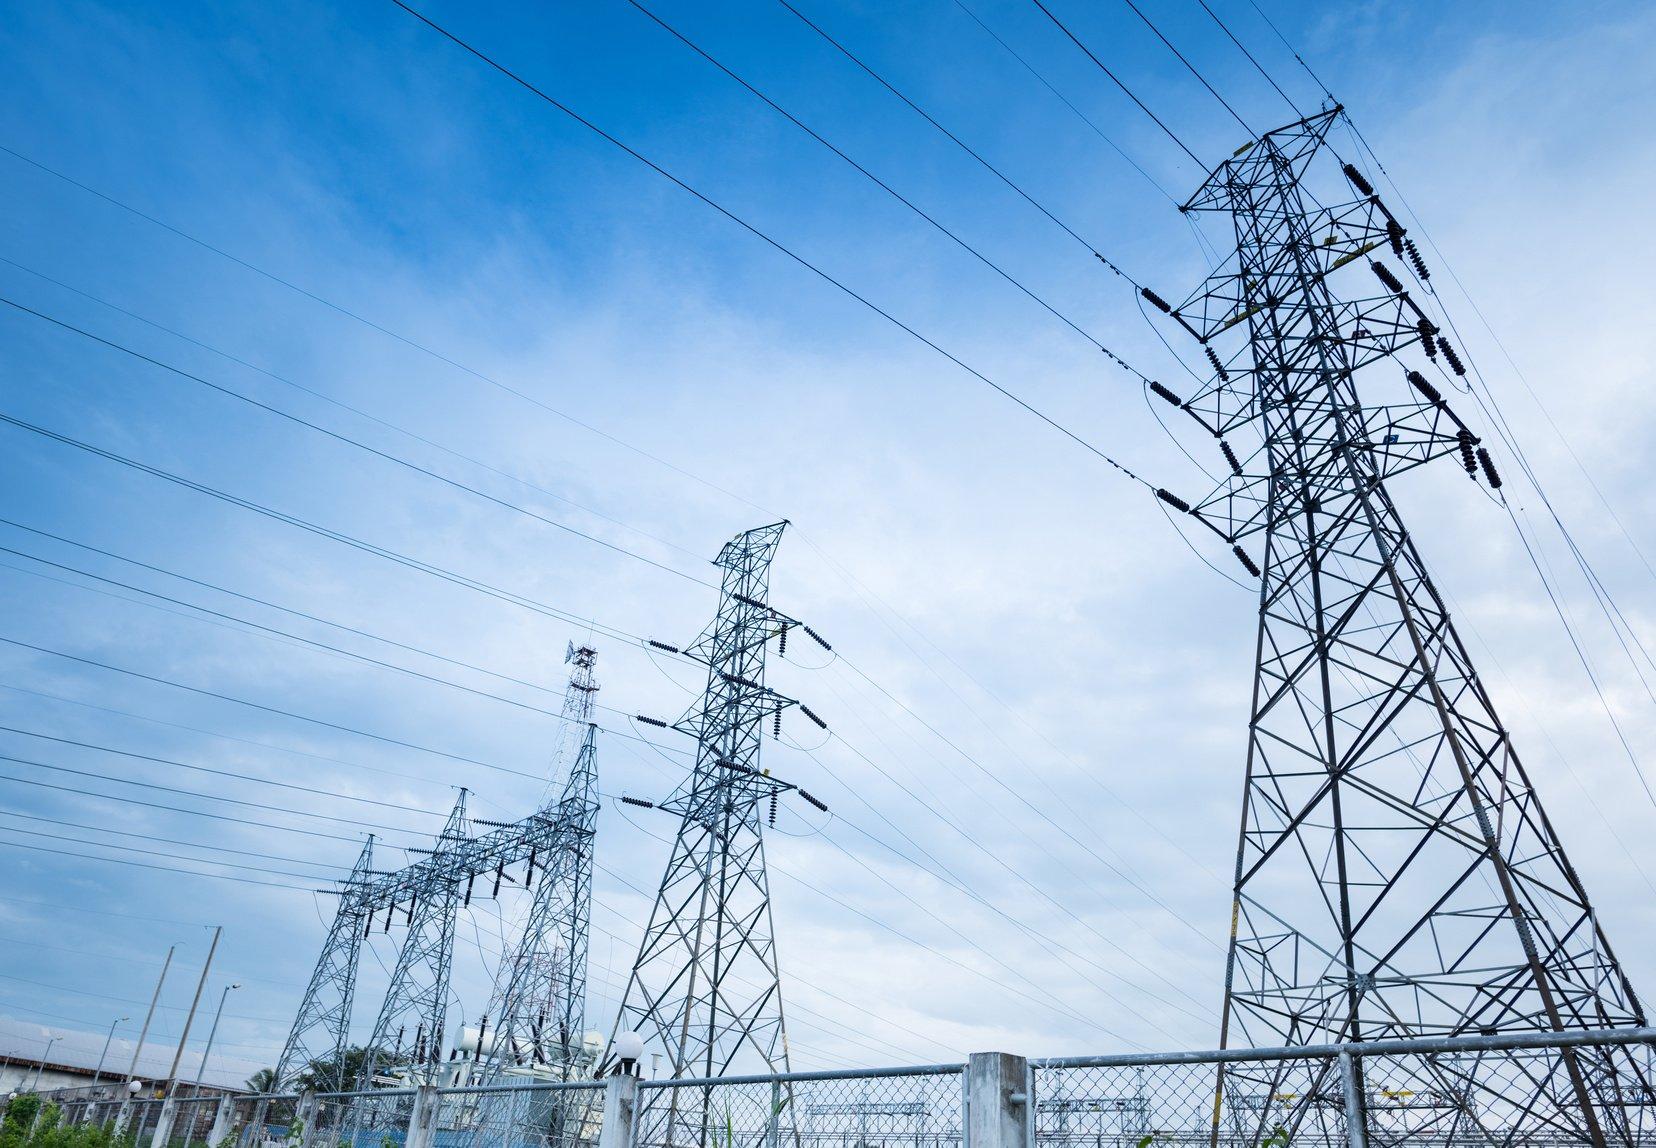 Freileitungsmast oder auch Strommast